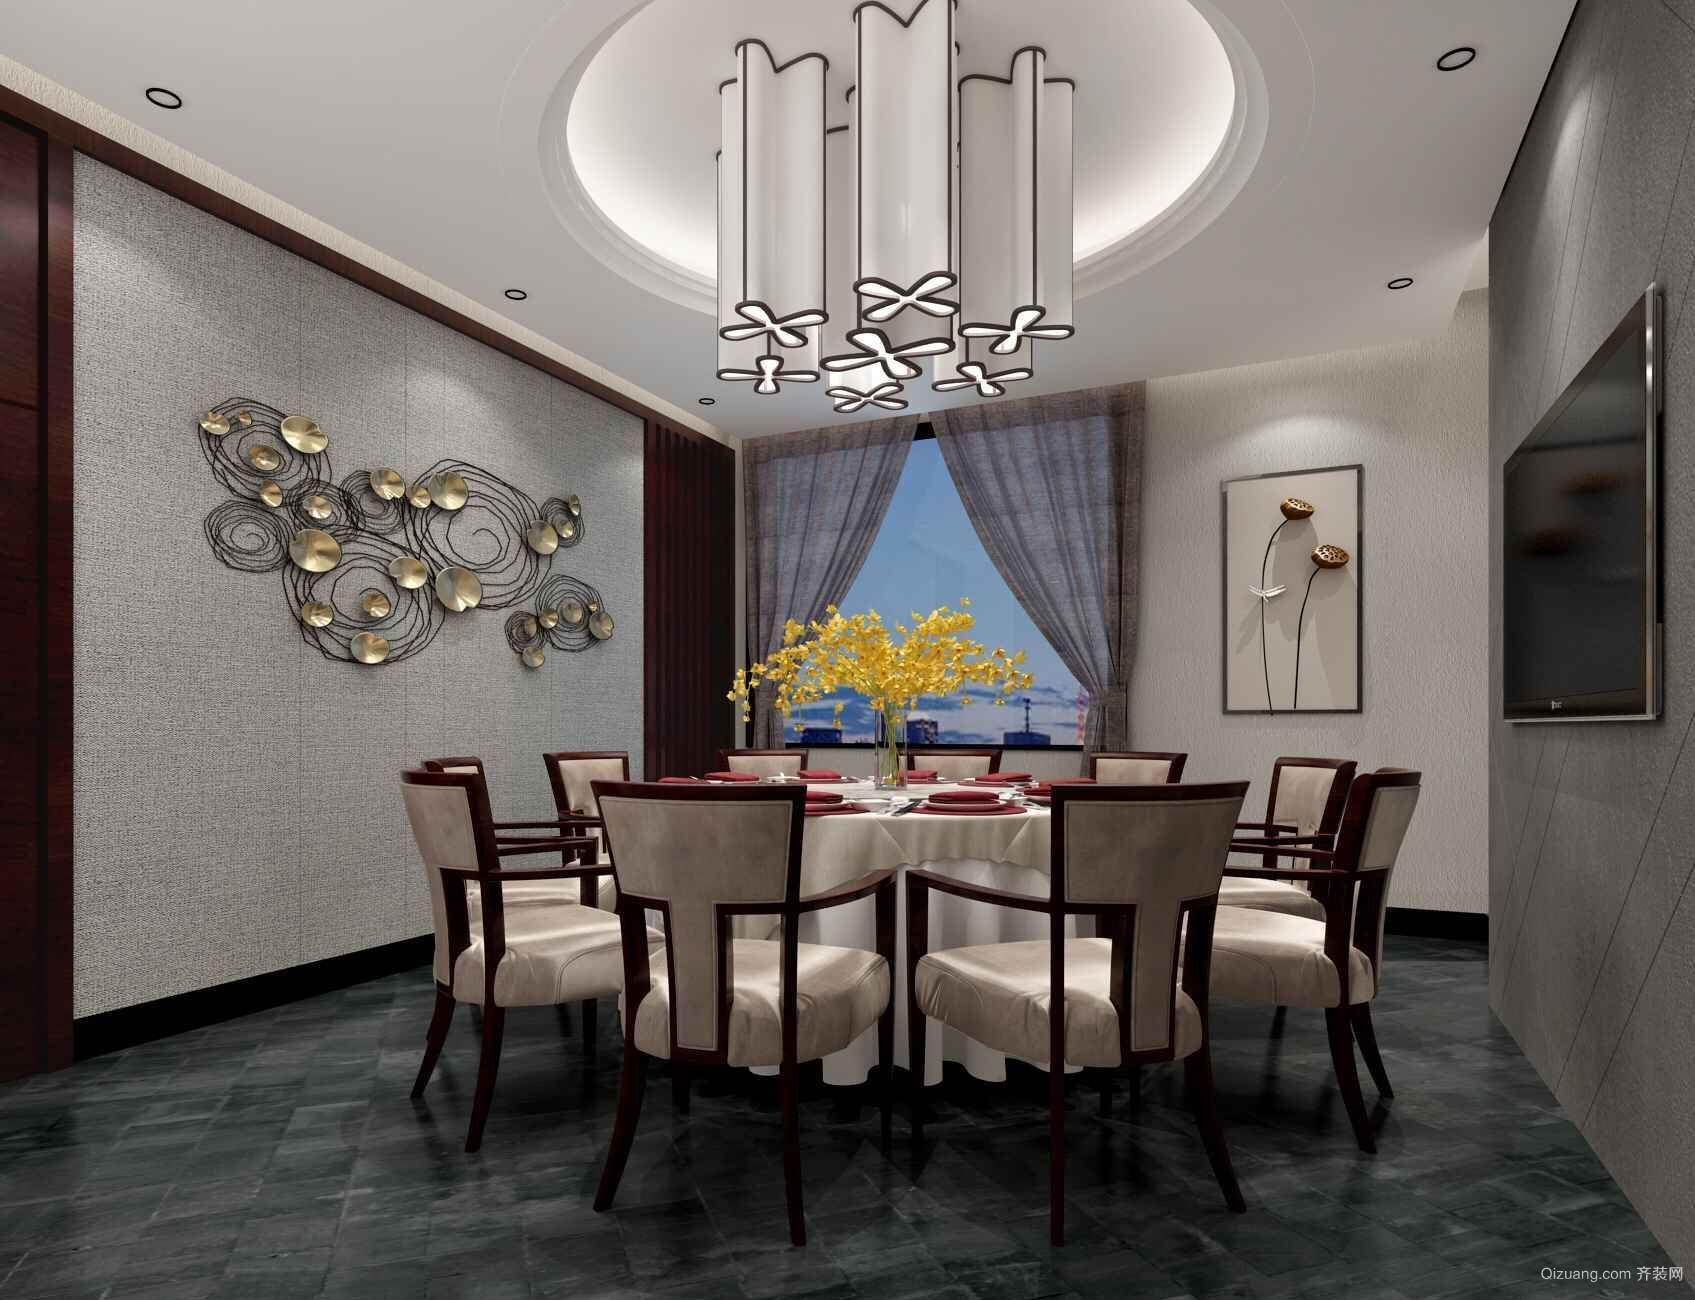 宴遇湘菜主题餐厅混搭风格装修效果图实景图